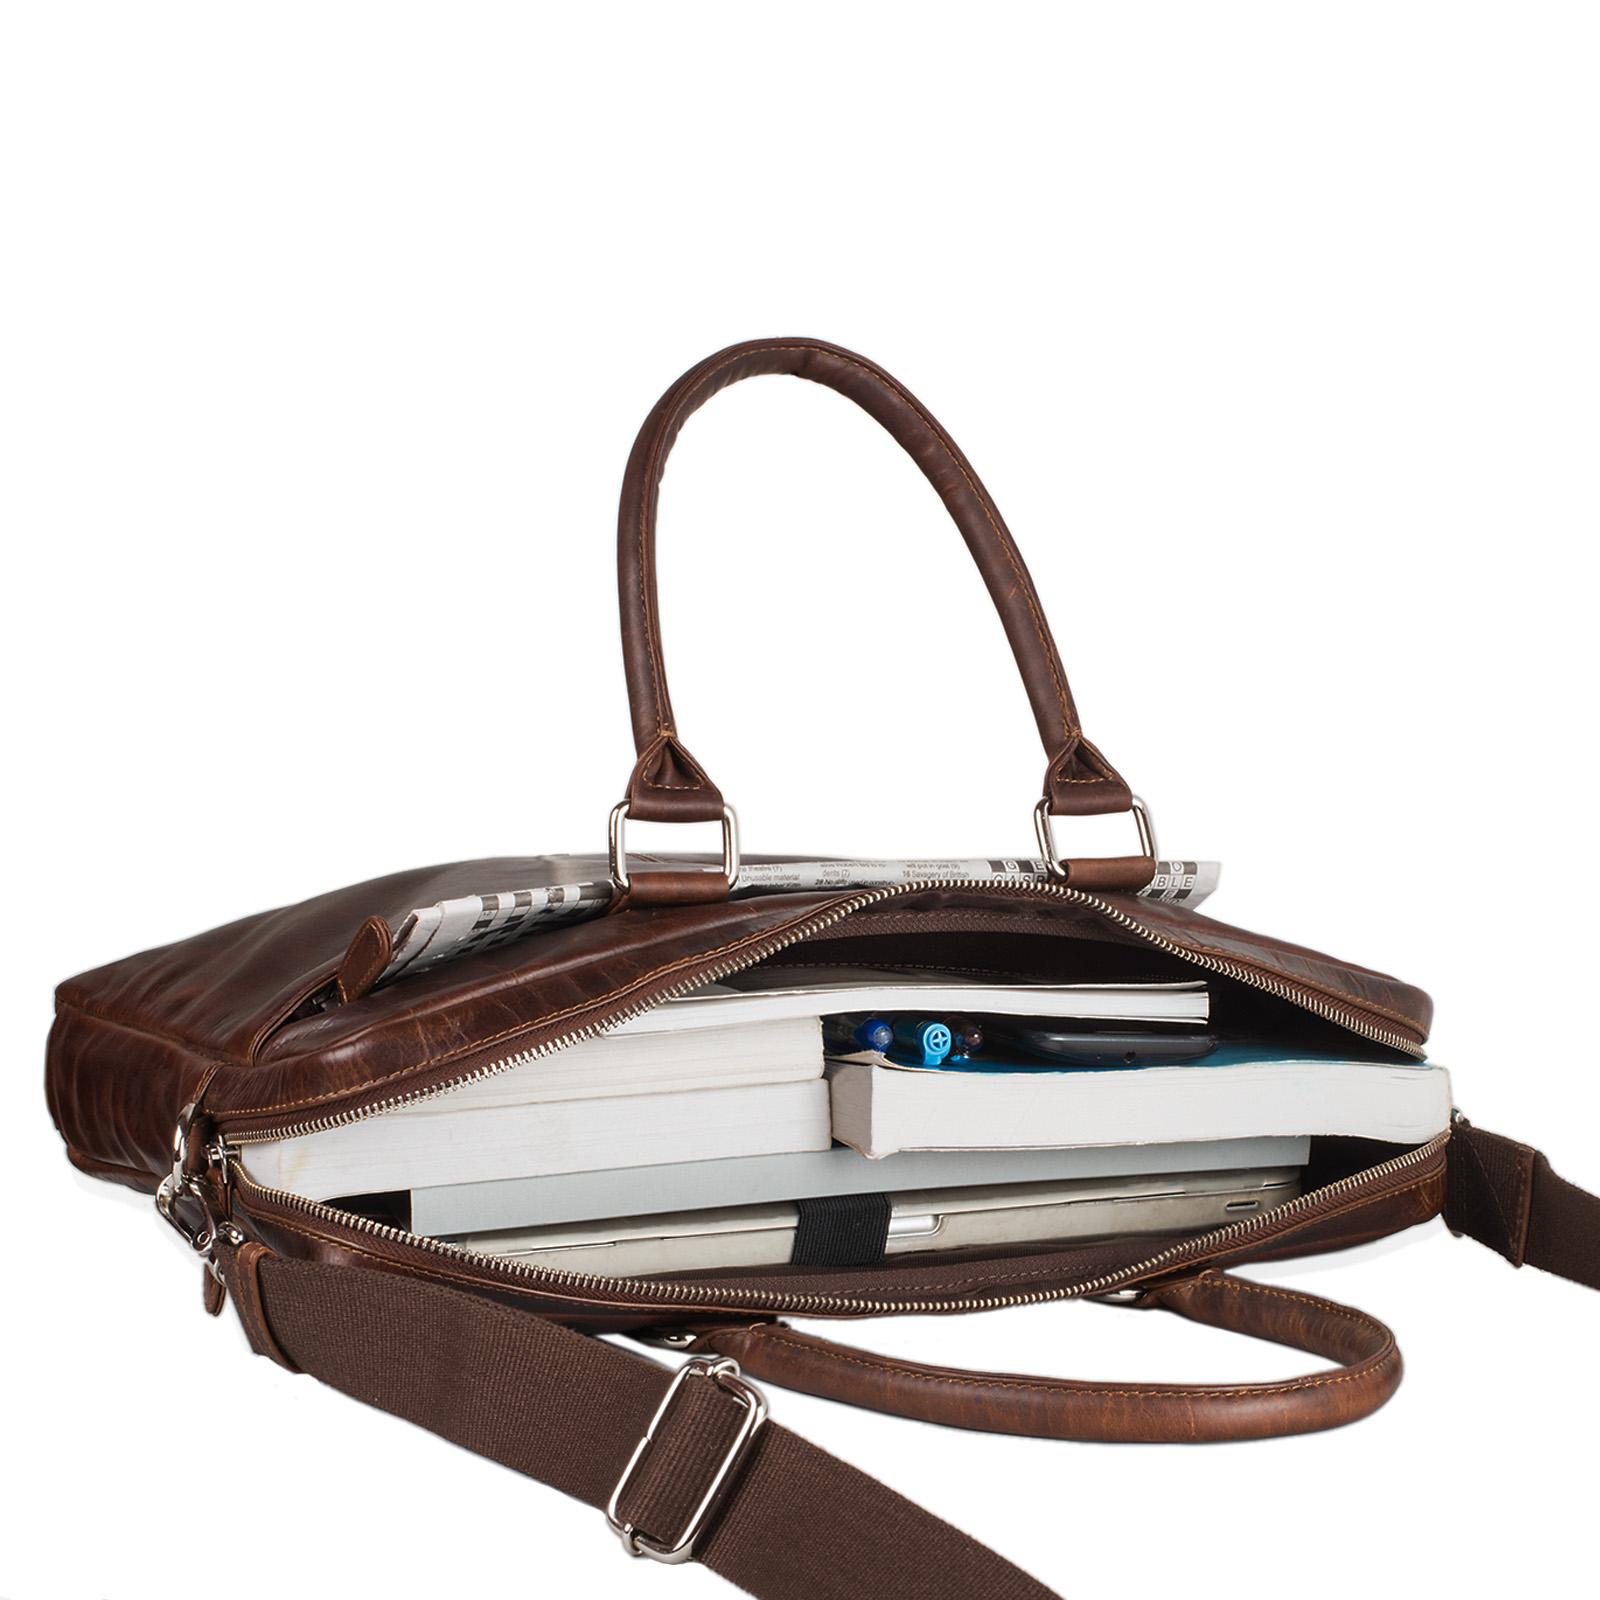 """STILORD """"Emilio"""" Umhängetasche Leder Vintage groß Schultertasche elegante Handtasche für Büro Business Arbeit Laptop 13.3 Zoll Aktentasche DIN A4 - Bild 18"""